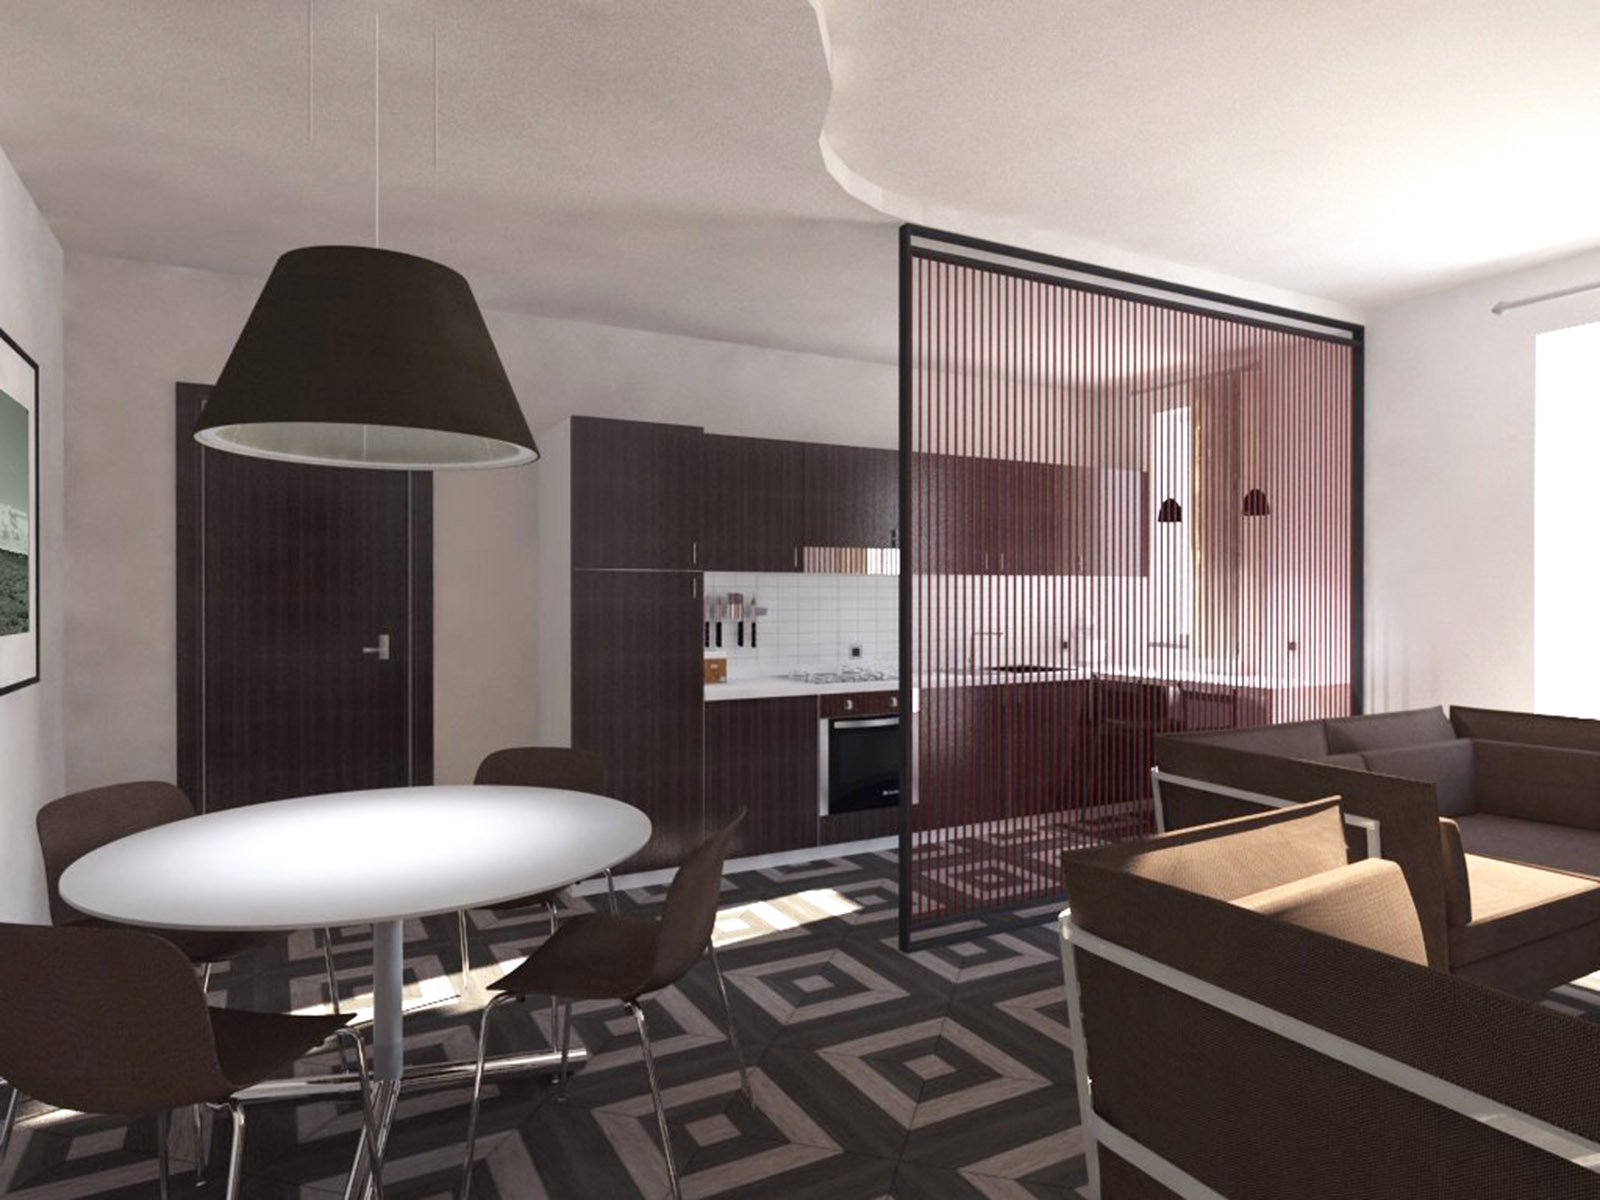 Soggiorno e cucina openspace progetto in pianta e in 3d for Cucina open space con pilastri